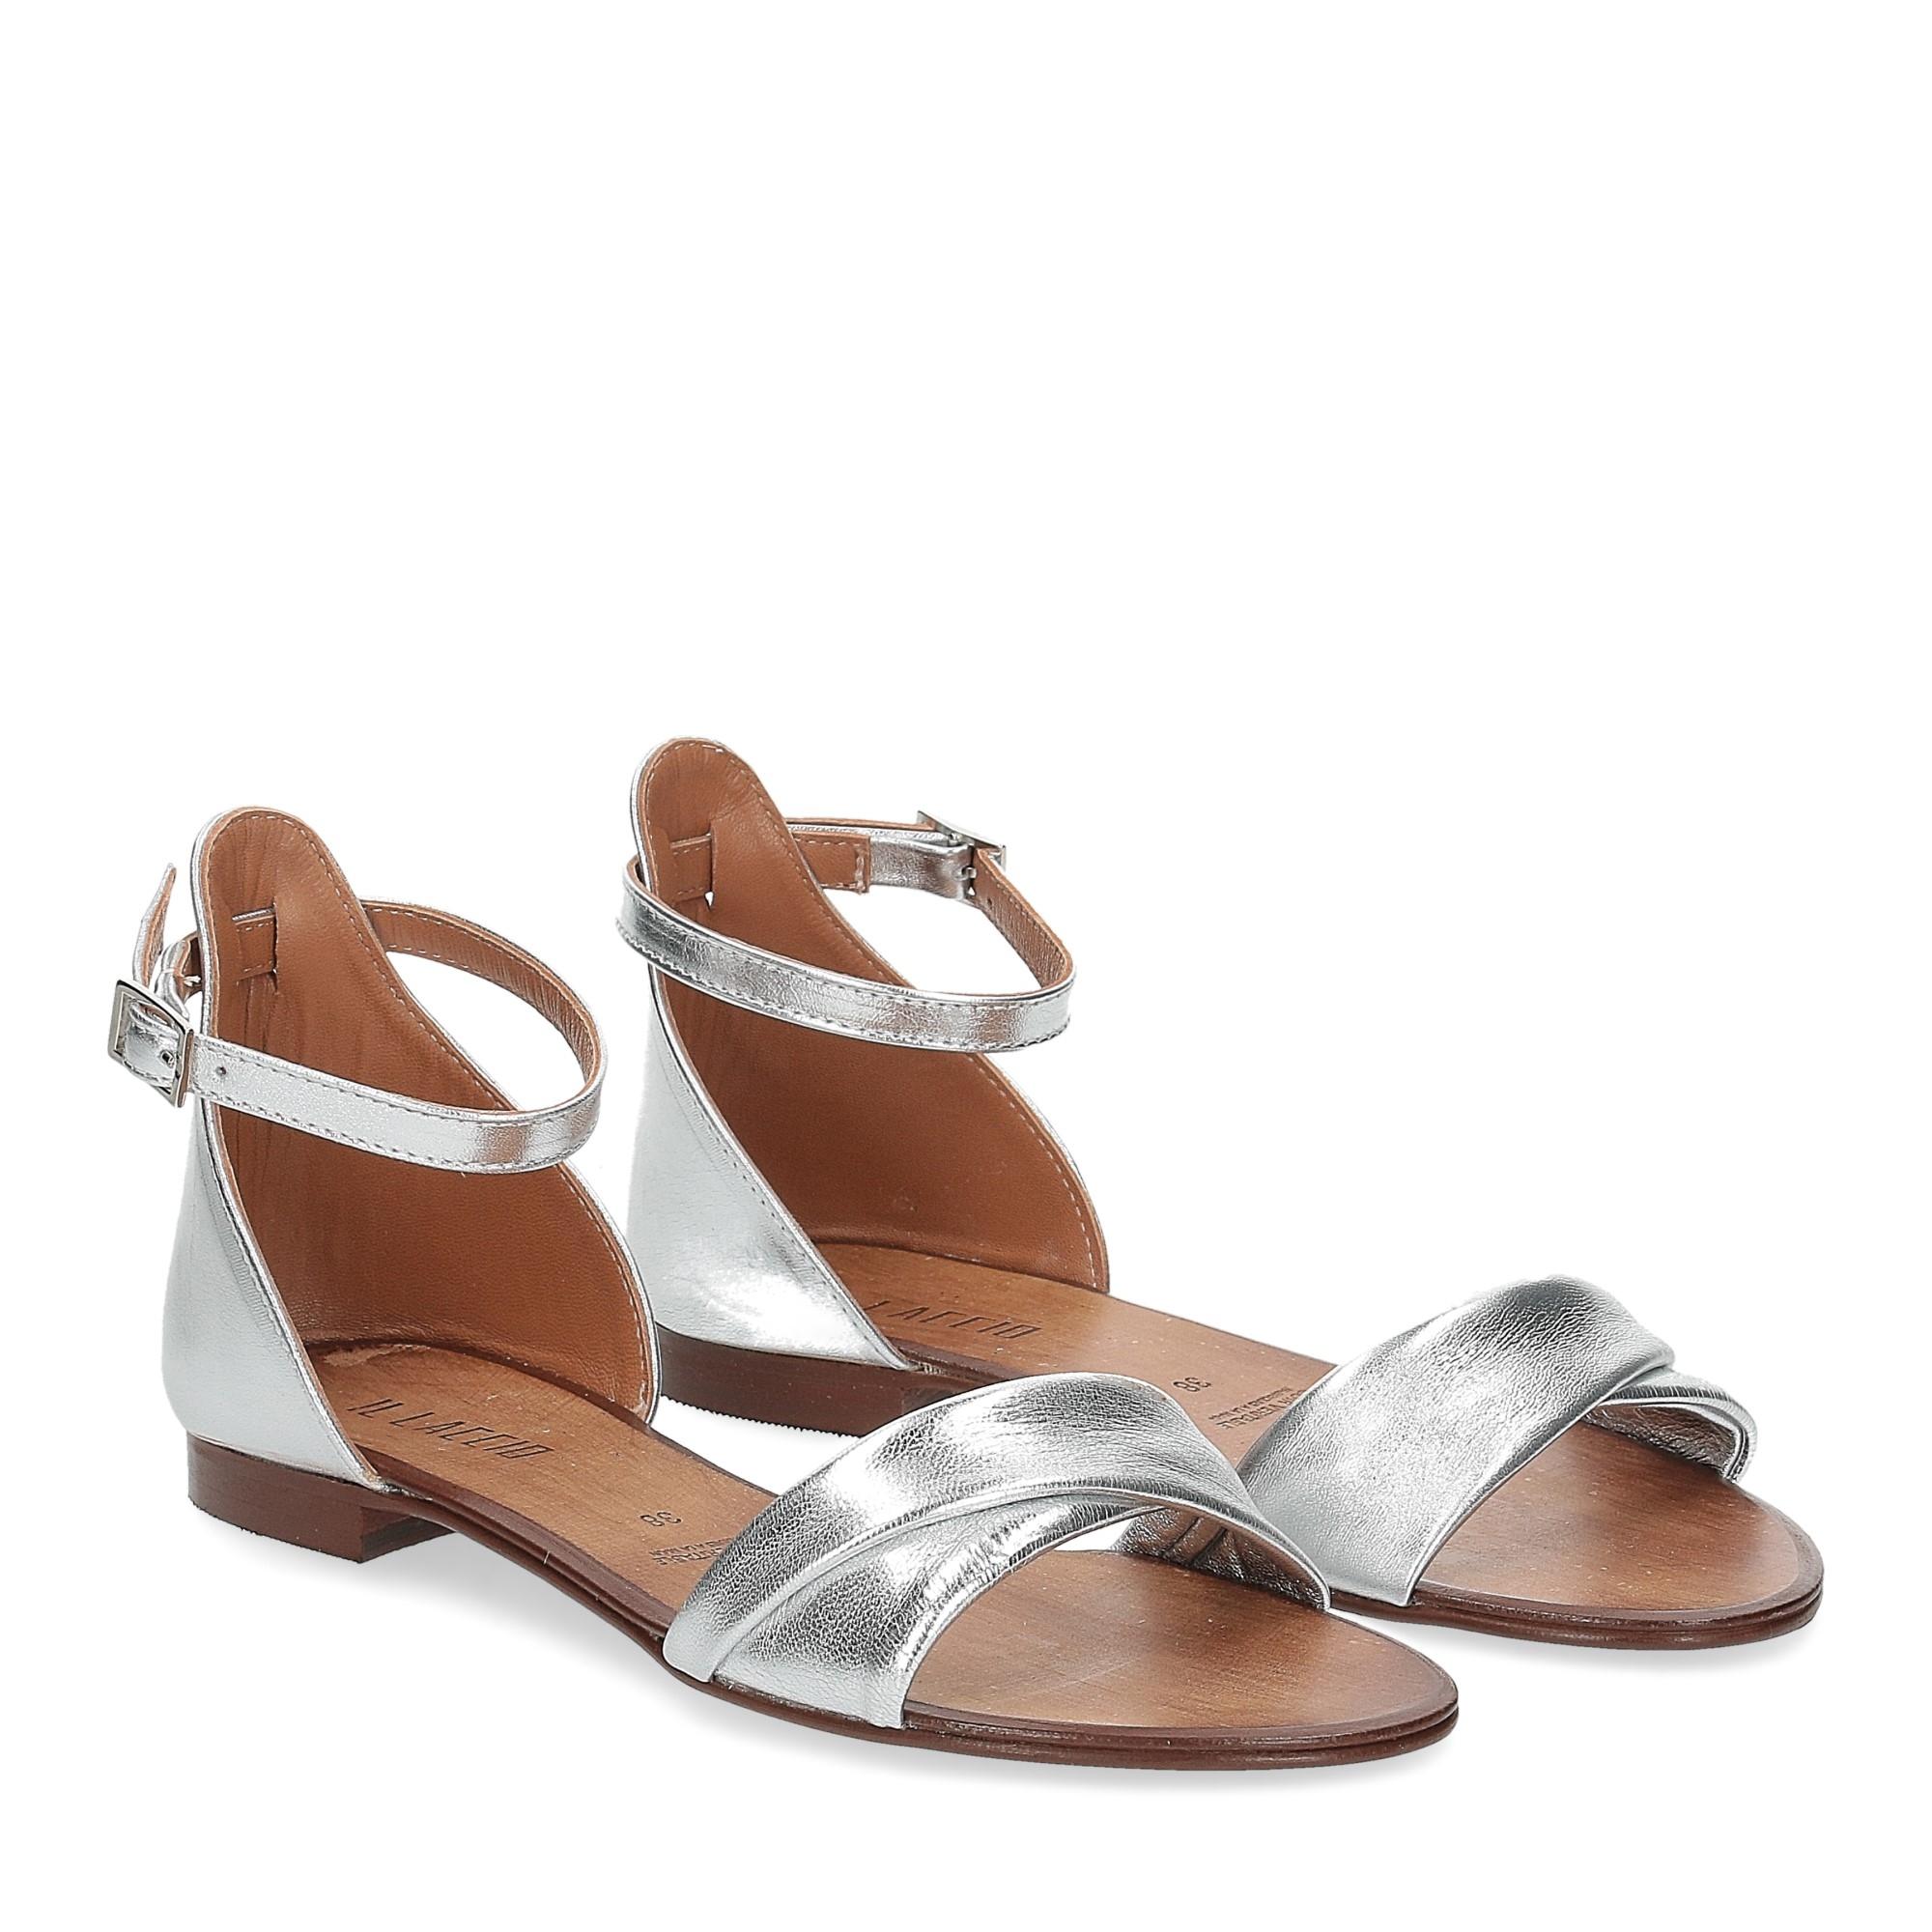 Il laccio sandalo pelle laminata argento